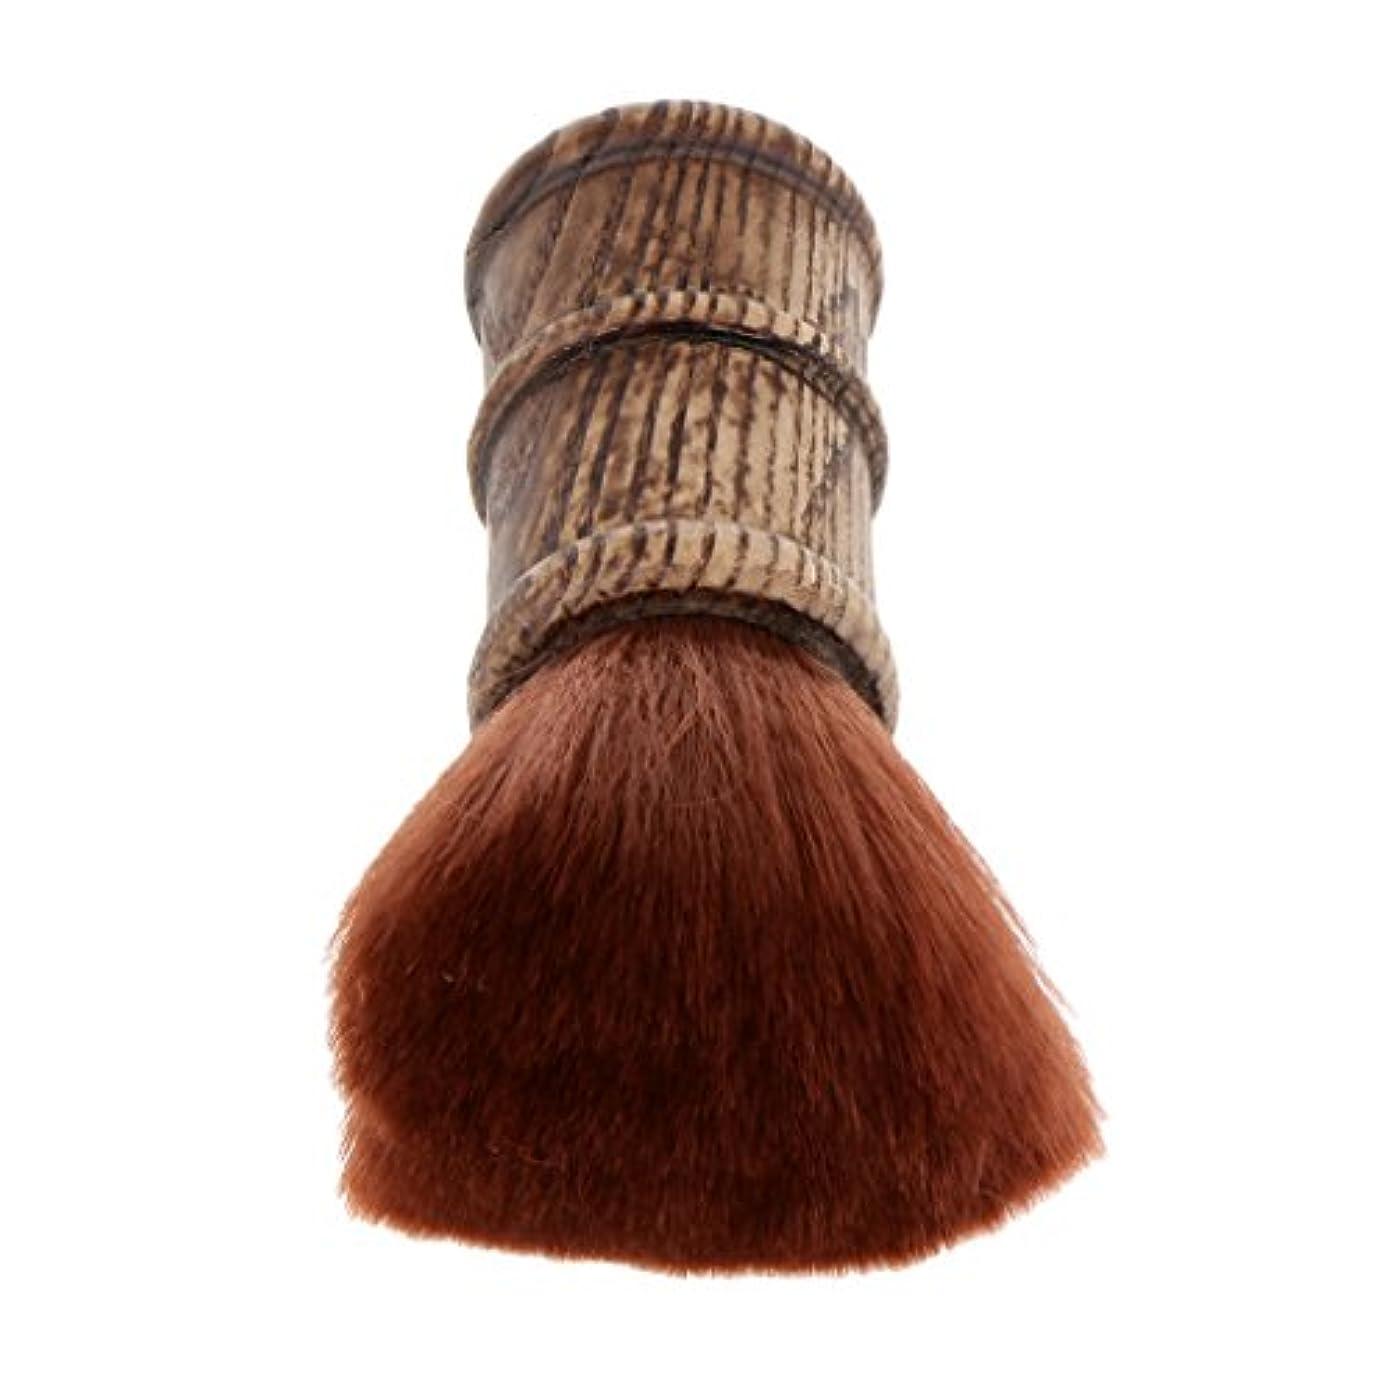 硬化するコーラス豊富にBlesiya ネックダスターブラシ ヘアカットブラシ ブラシ プロ サロン 柔らかい 自宅用 ヘアスタイリスト ヘアカット 散髪 理髪師 2色選べる - 褐色